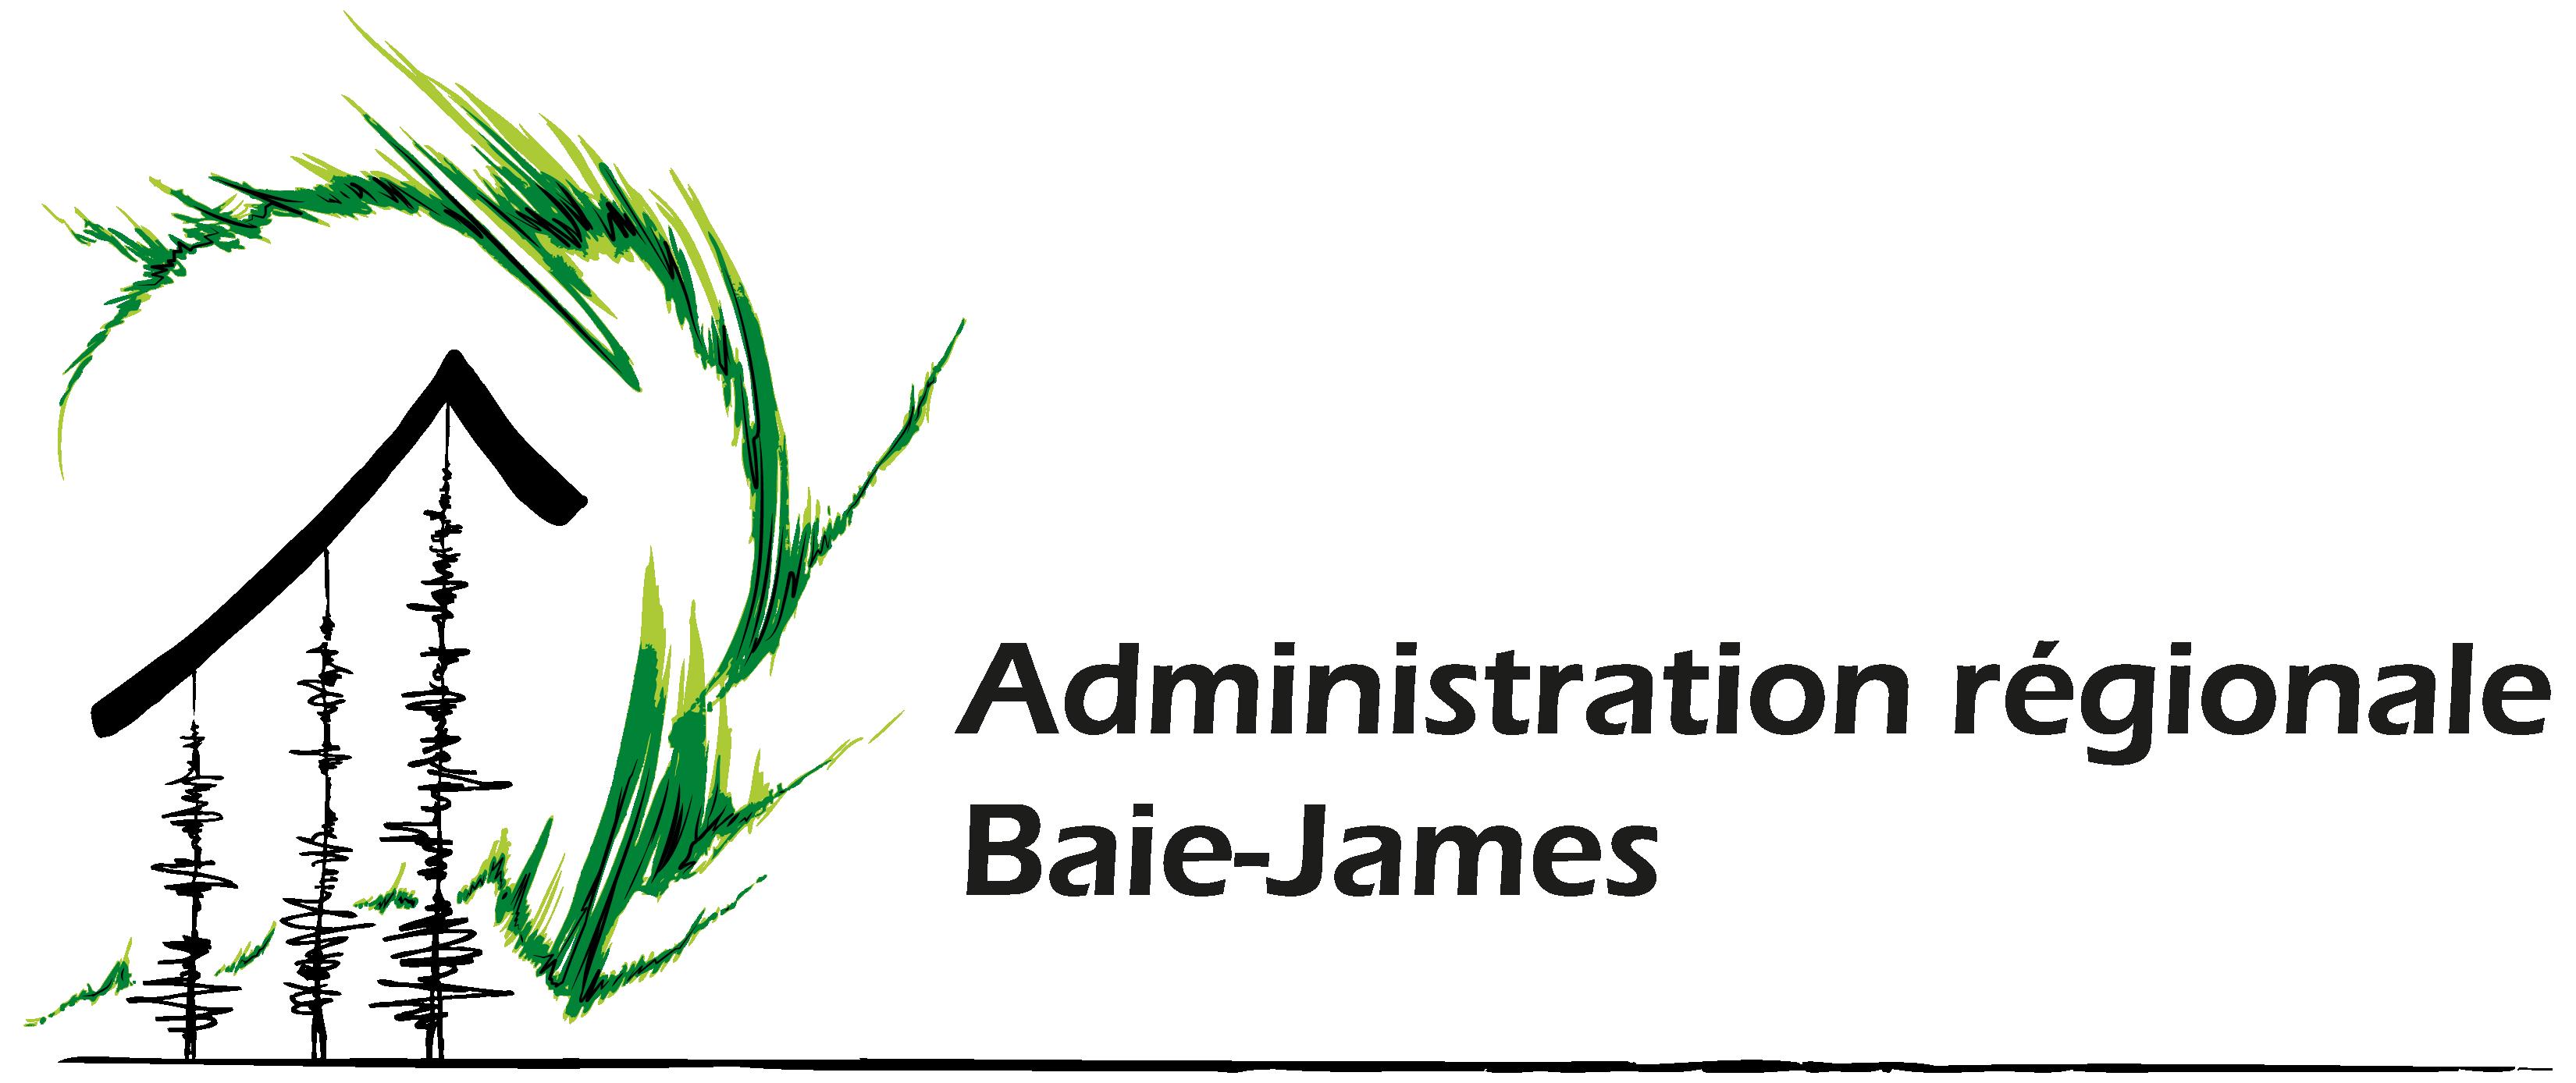 Administration régionale Baie-James